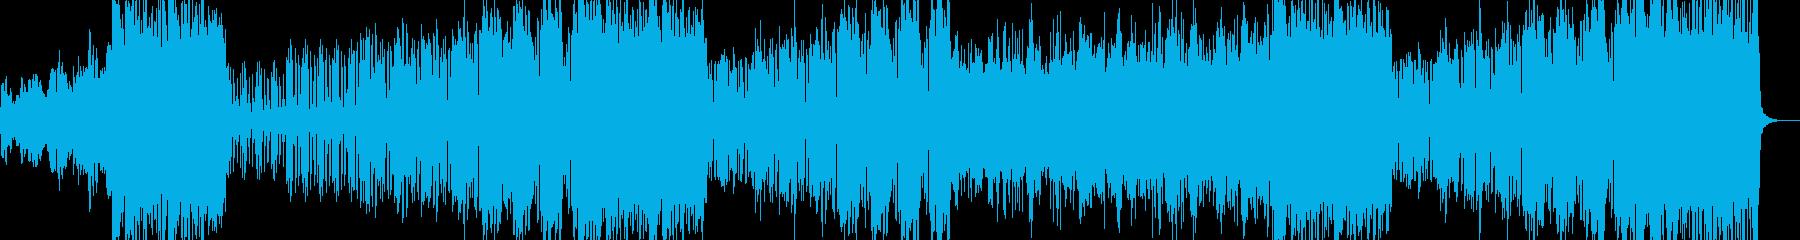 9拍子のオーケストラ風プログレの再生済みの波形